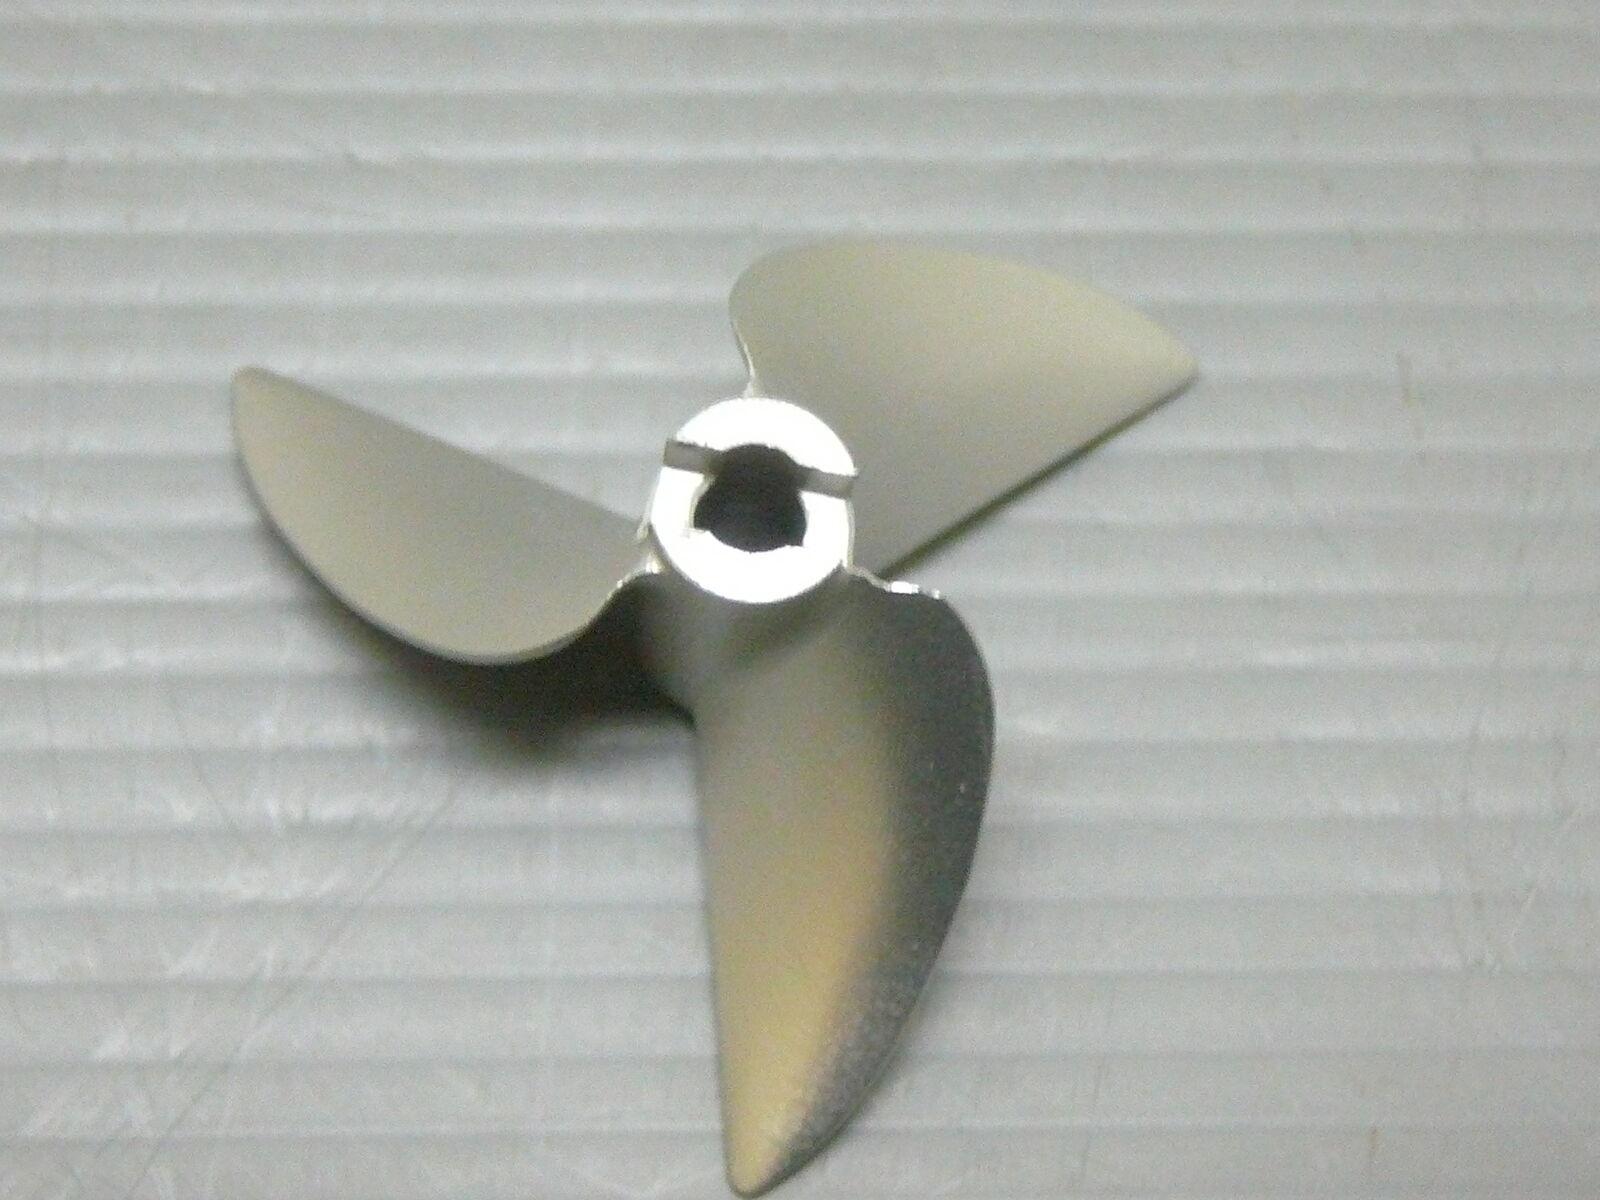 VXP V850 3 Right Turn 50mm 1.8p 3 16  CNC Alloy Non Lift Prop De Tongued Boat